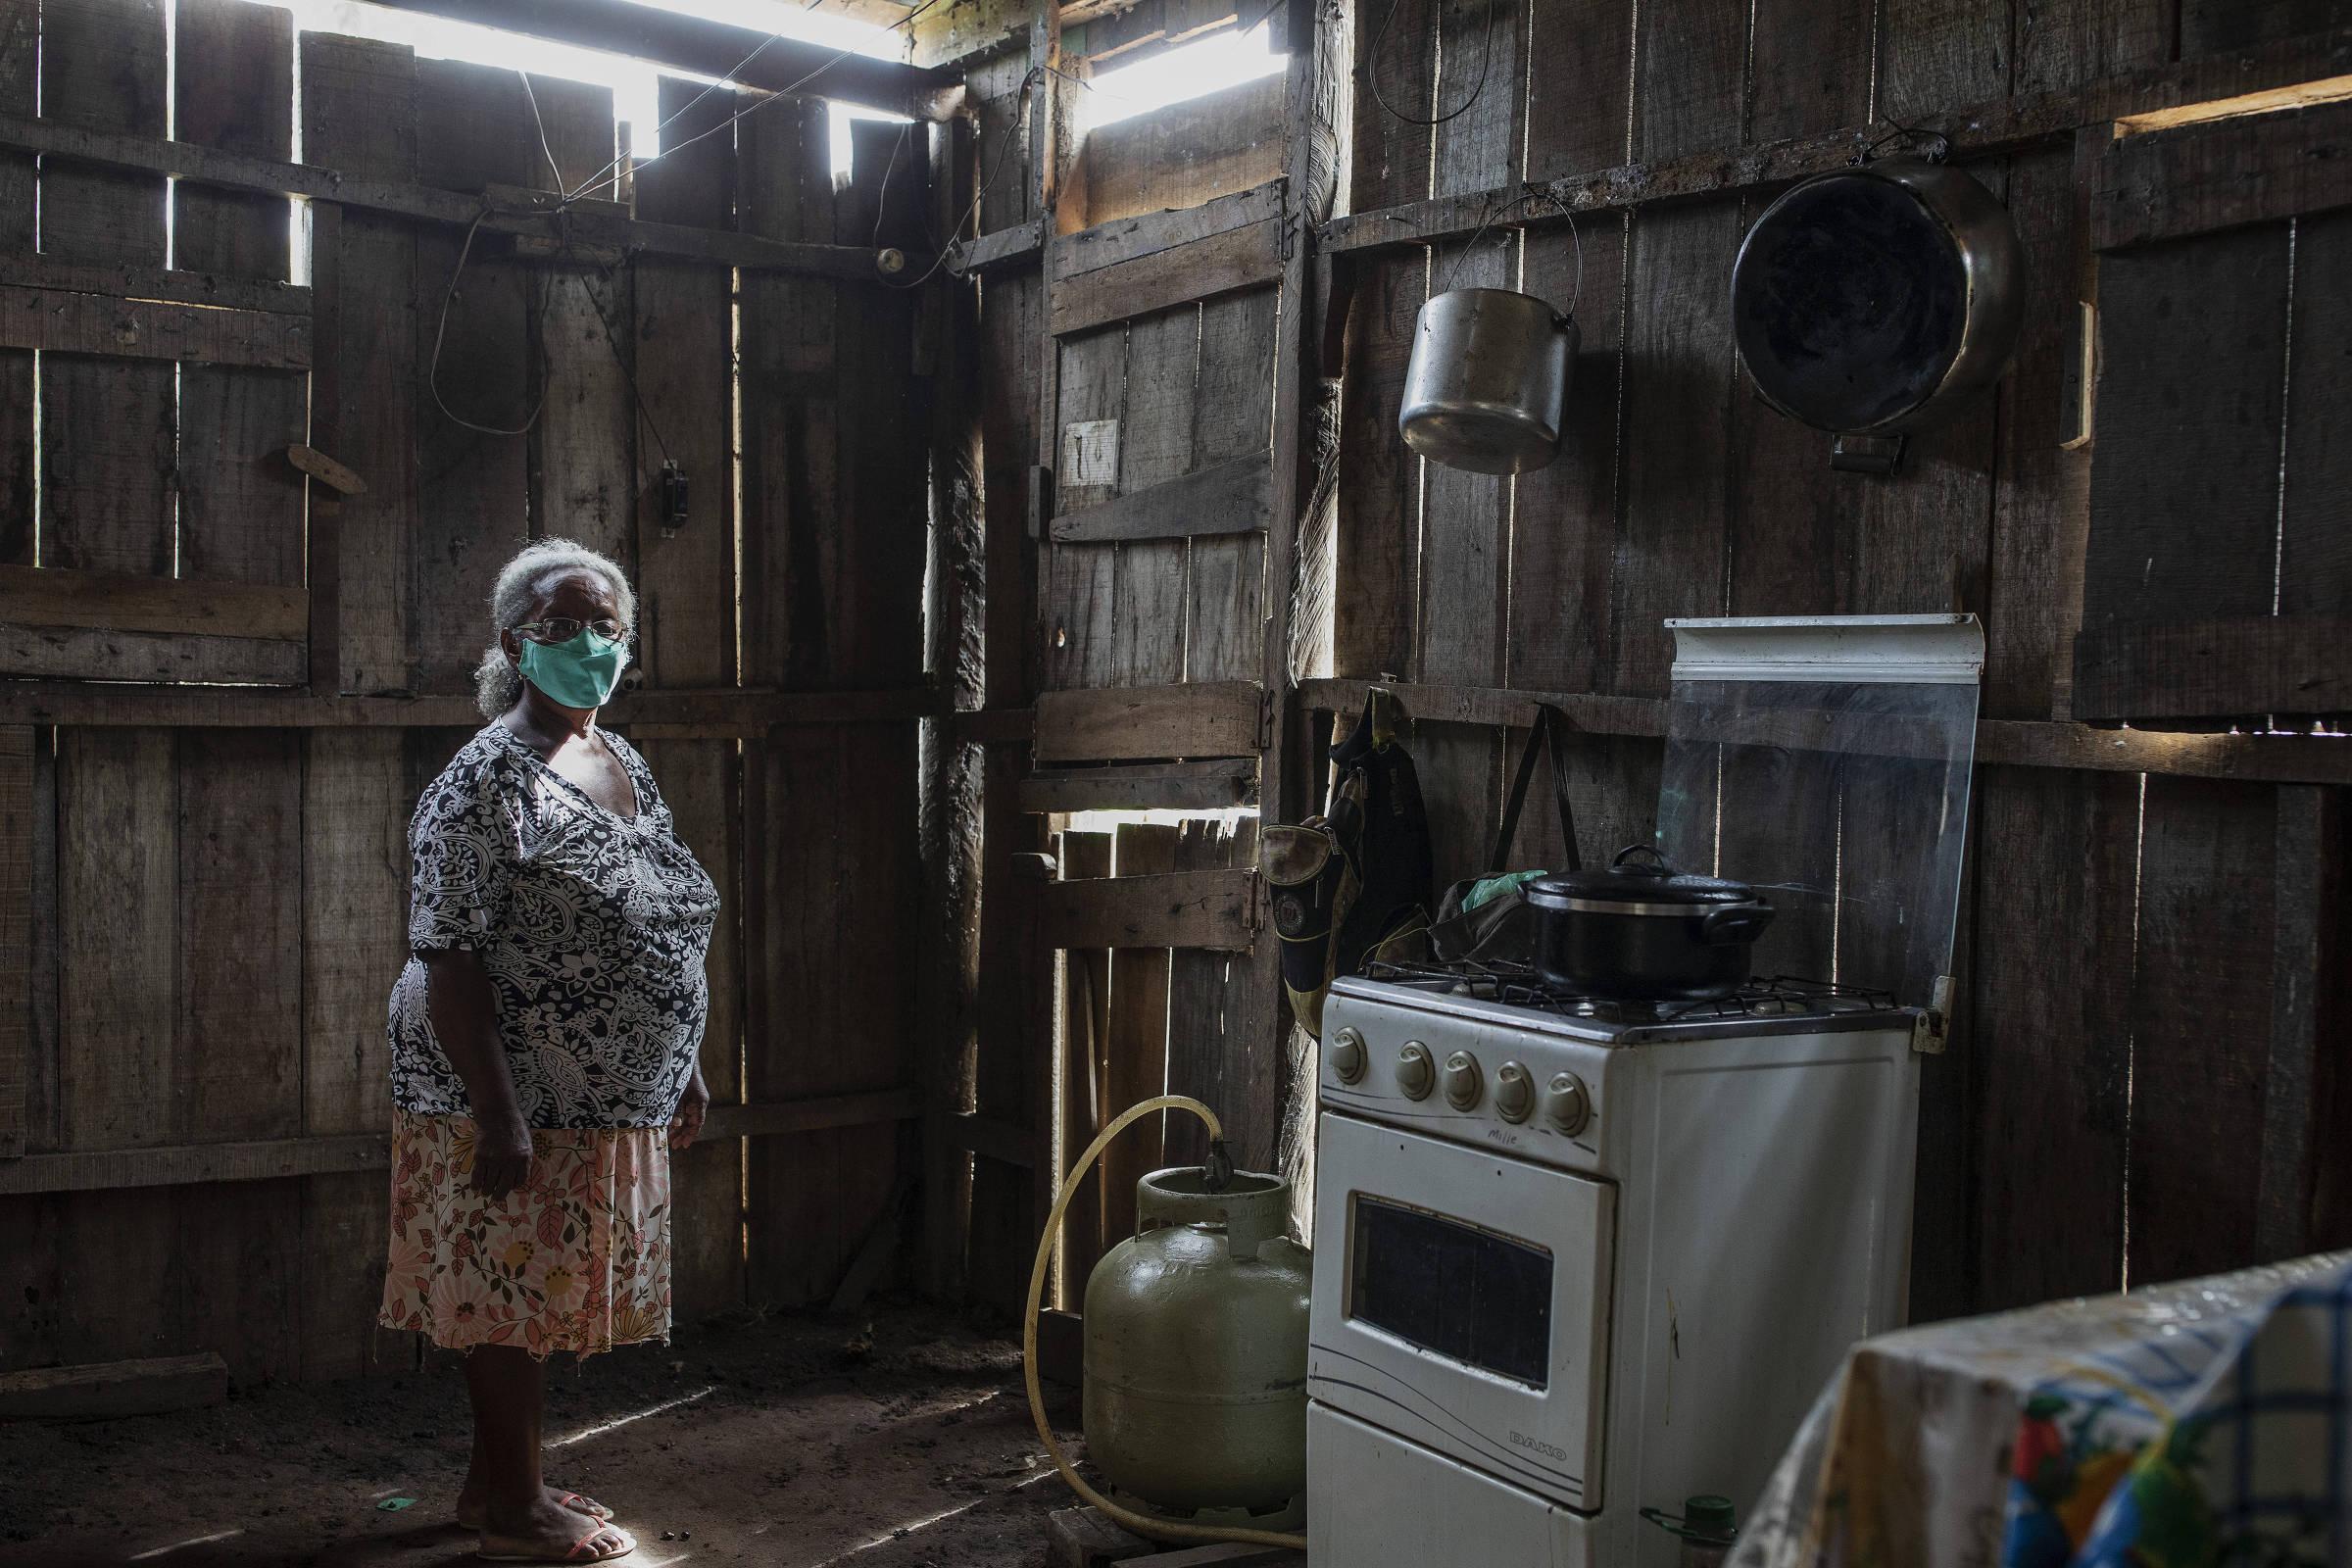 A líder comunitária Mafalda Gomes em sua casa na comunidade quilombola Santa Fé, no vale do rio Guaporé, em Rondônia